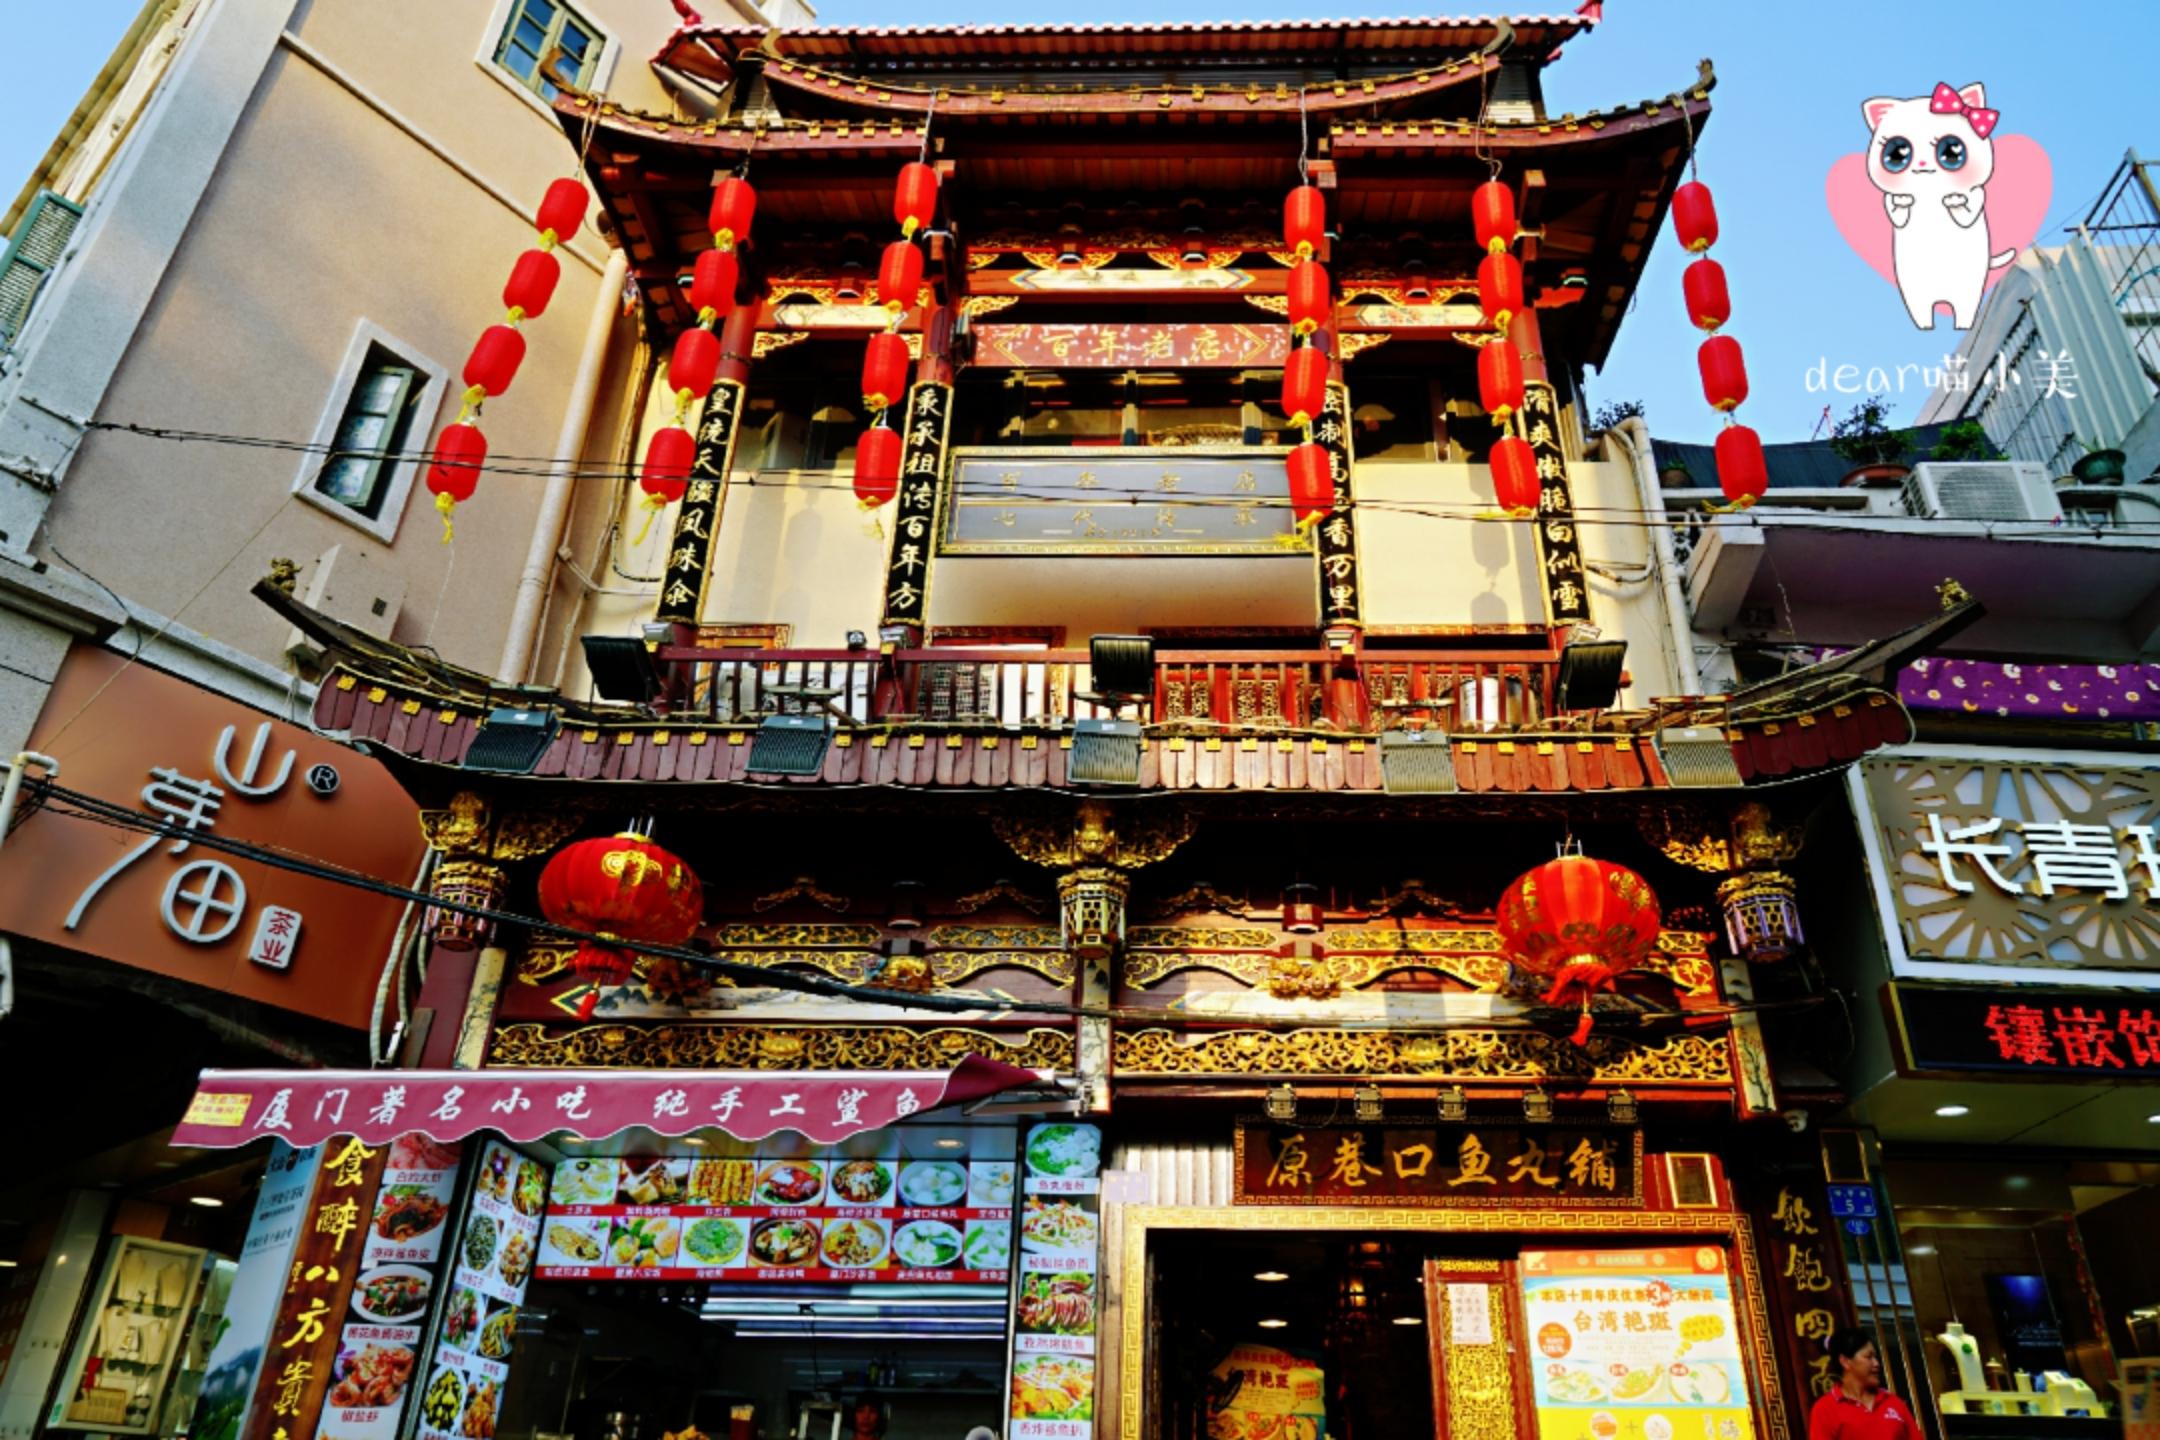 中山路步行街尽头,藏着一家罕见的厦门200年老店_中山路步行街怎么样